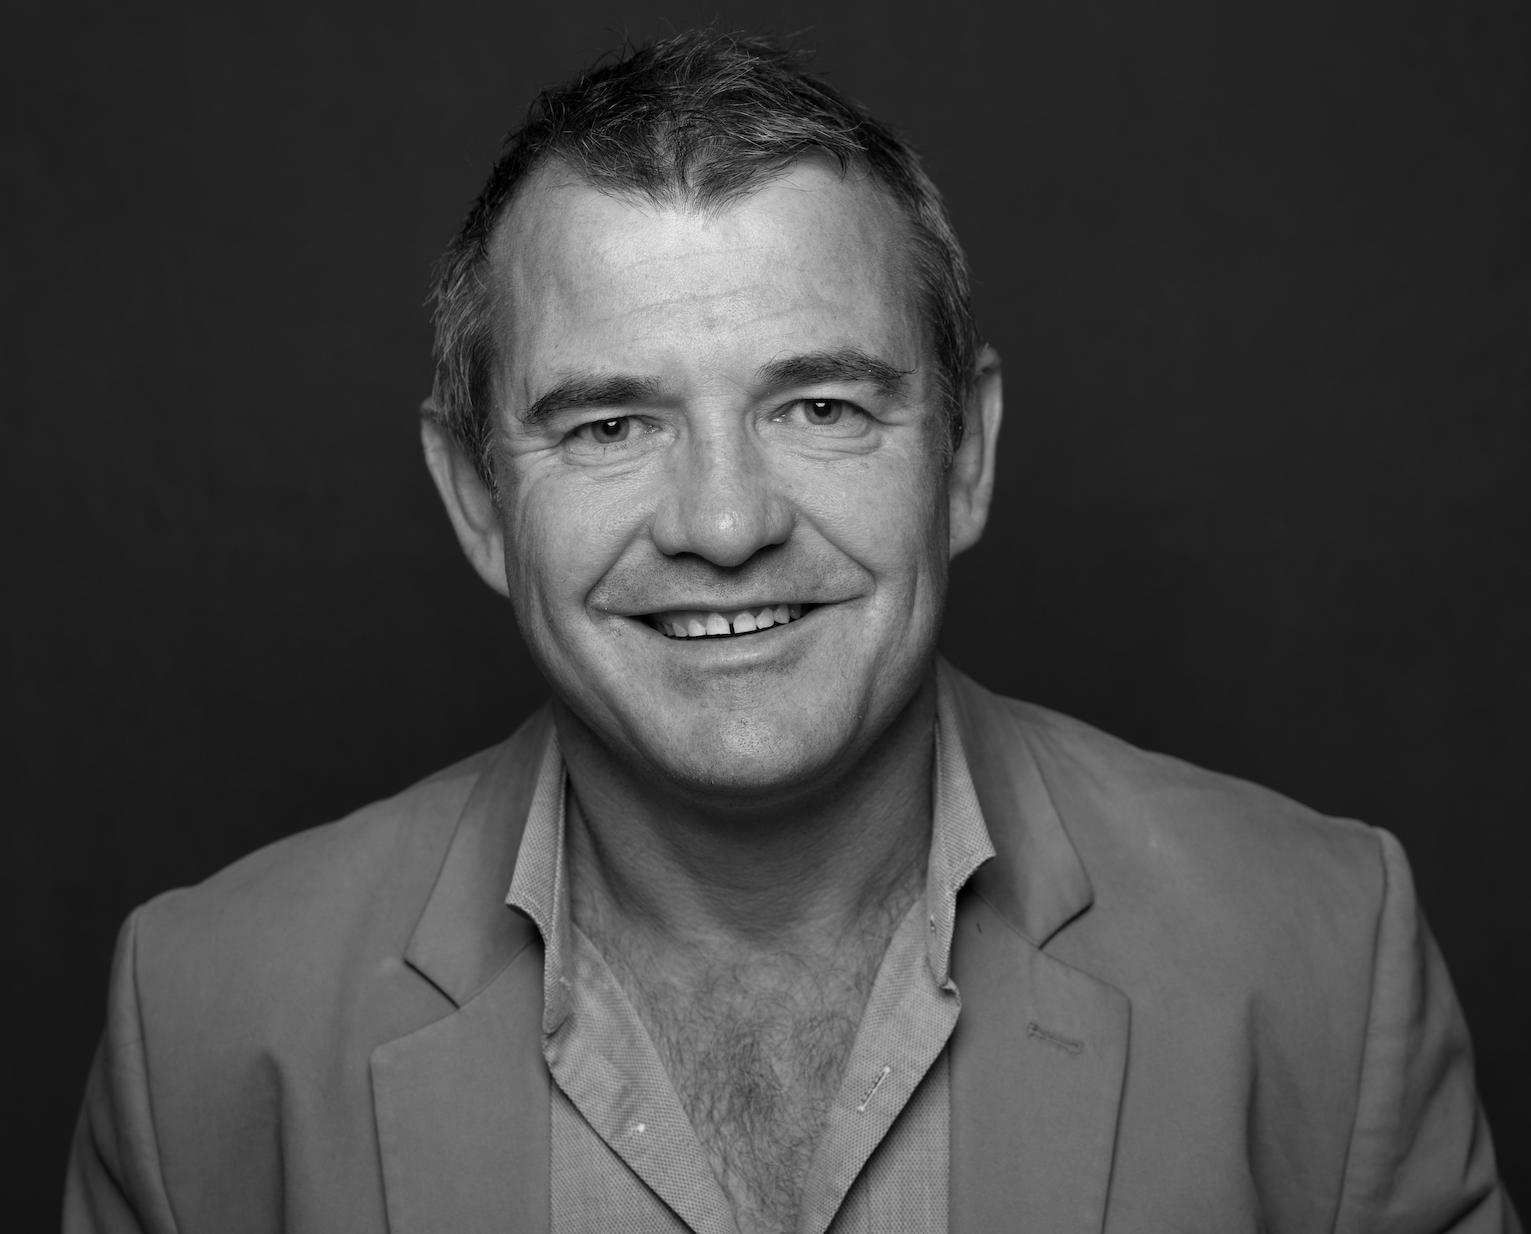 Mick Sheehy